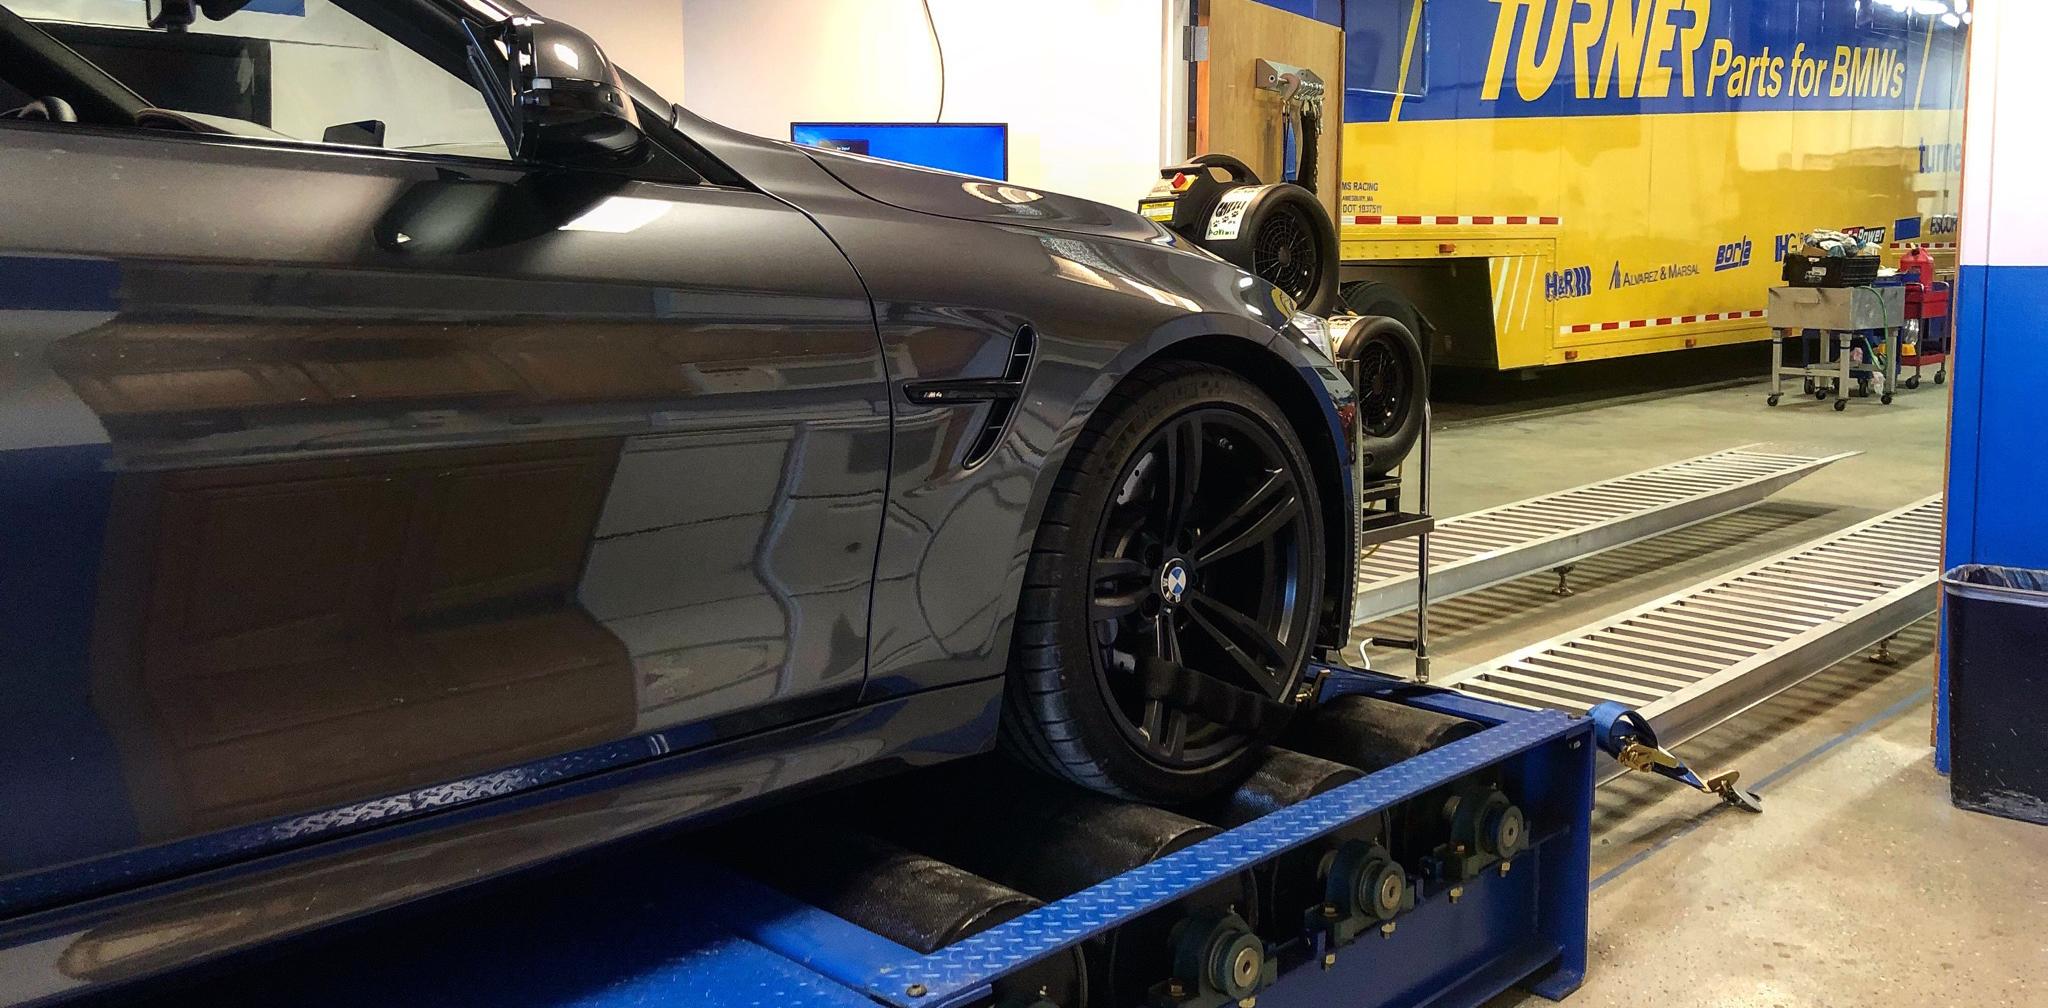 BMW ECU Tuning and Dyno